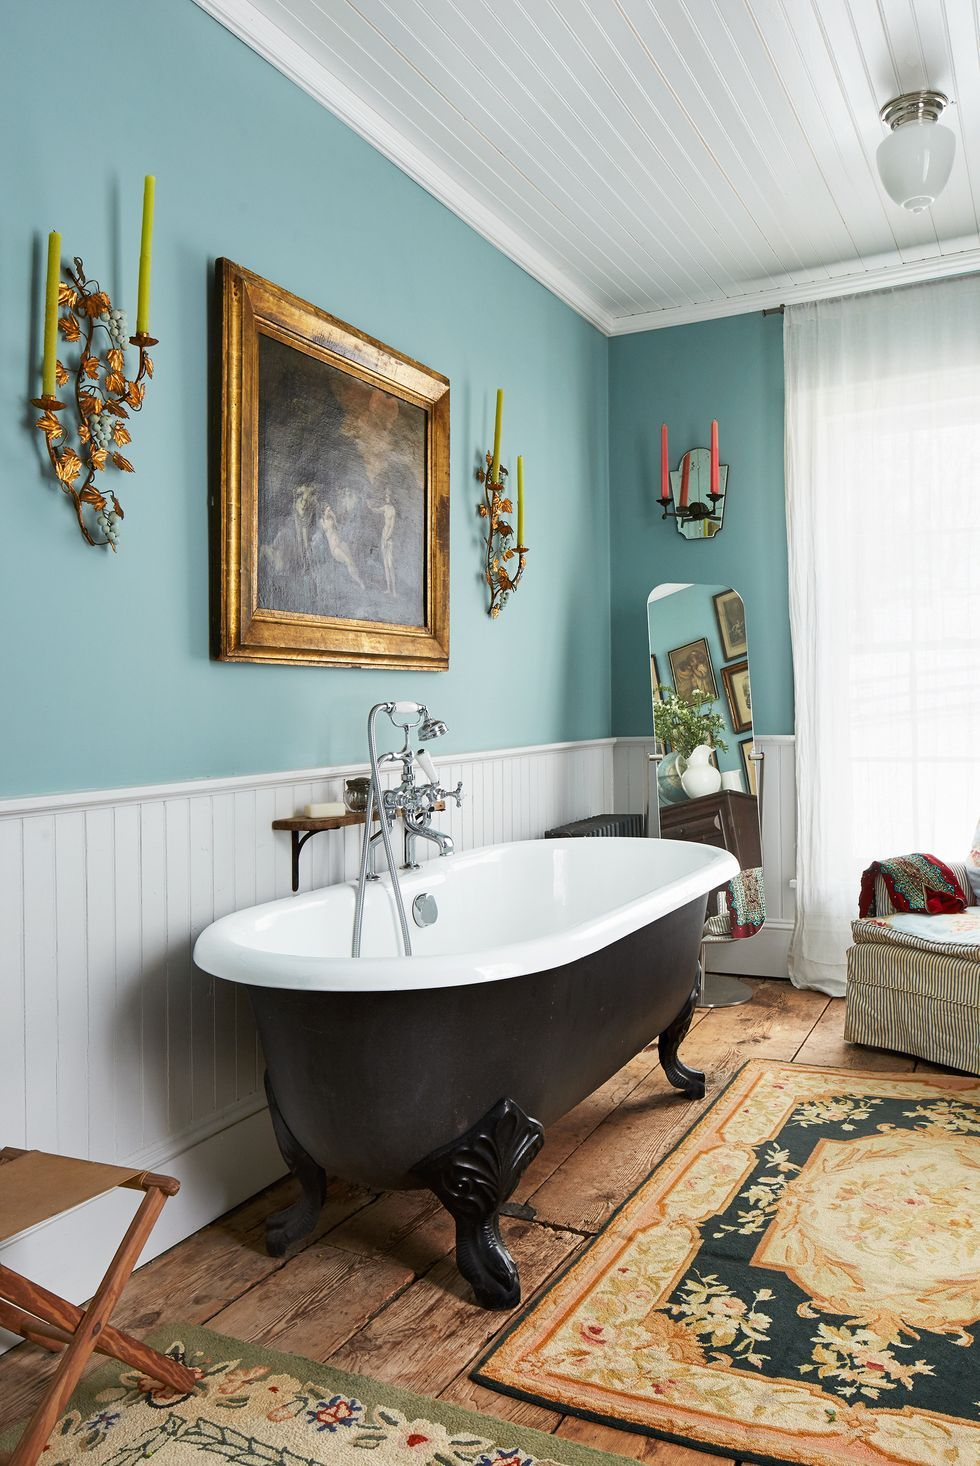 Top Paint Colors For Bathroom Walls, Color Scheme Ideas For Bathrooms